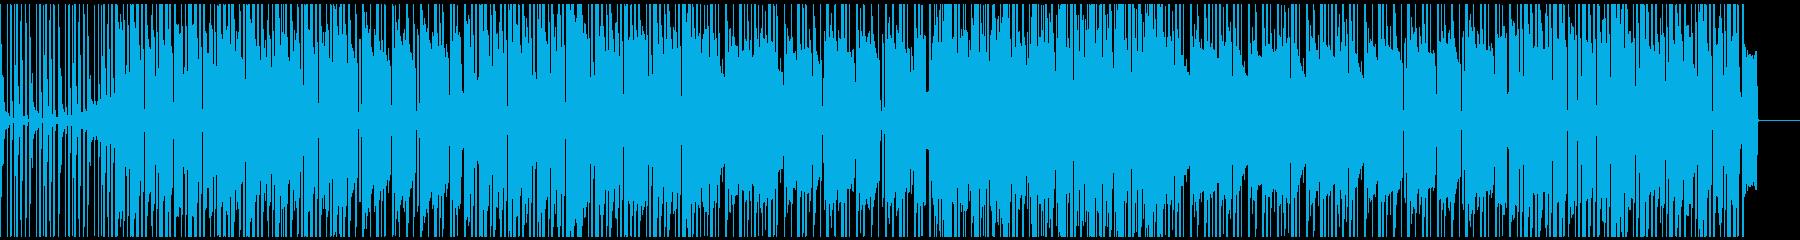 ゆったり坦々としたローファイヒップホップの再生済みの波形